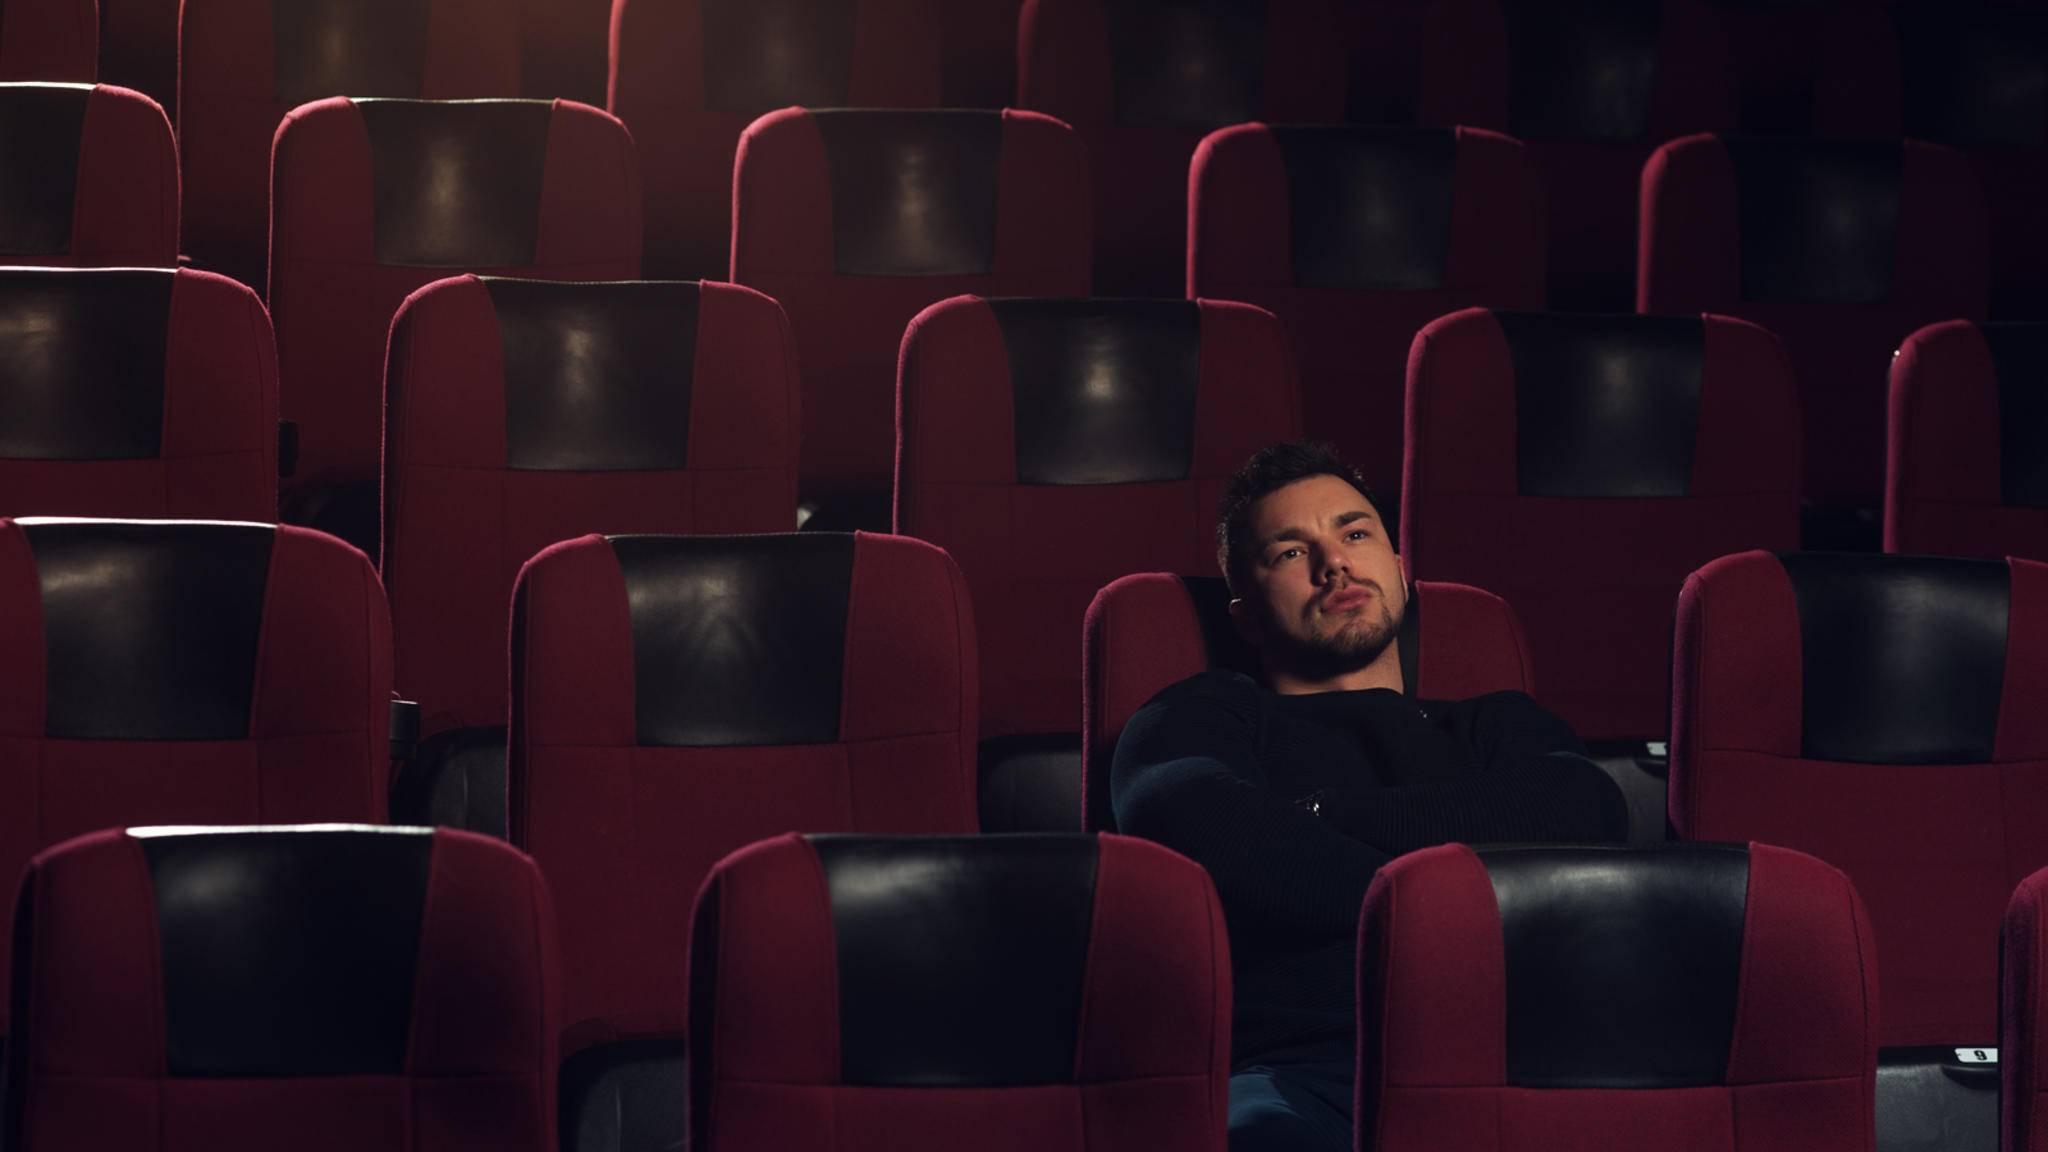 Mann im Kino